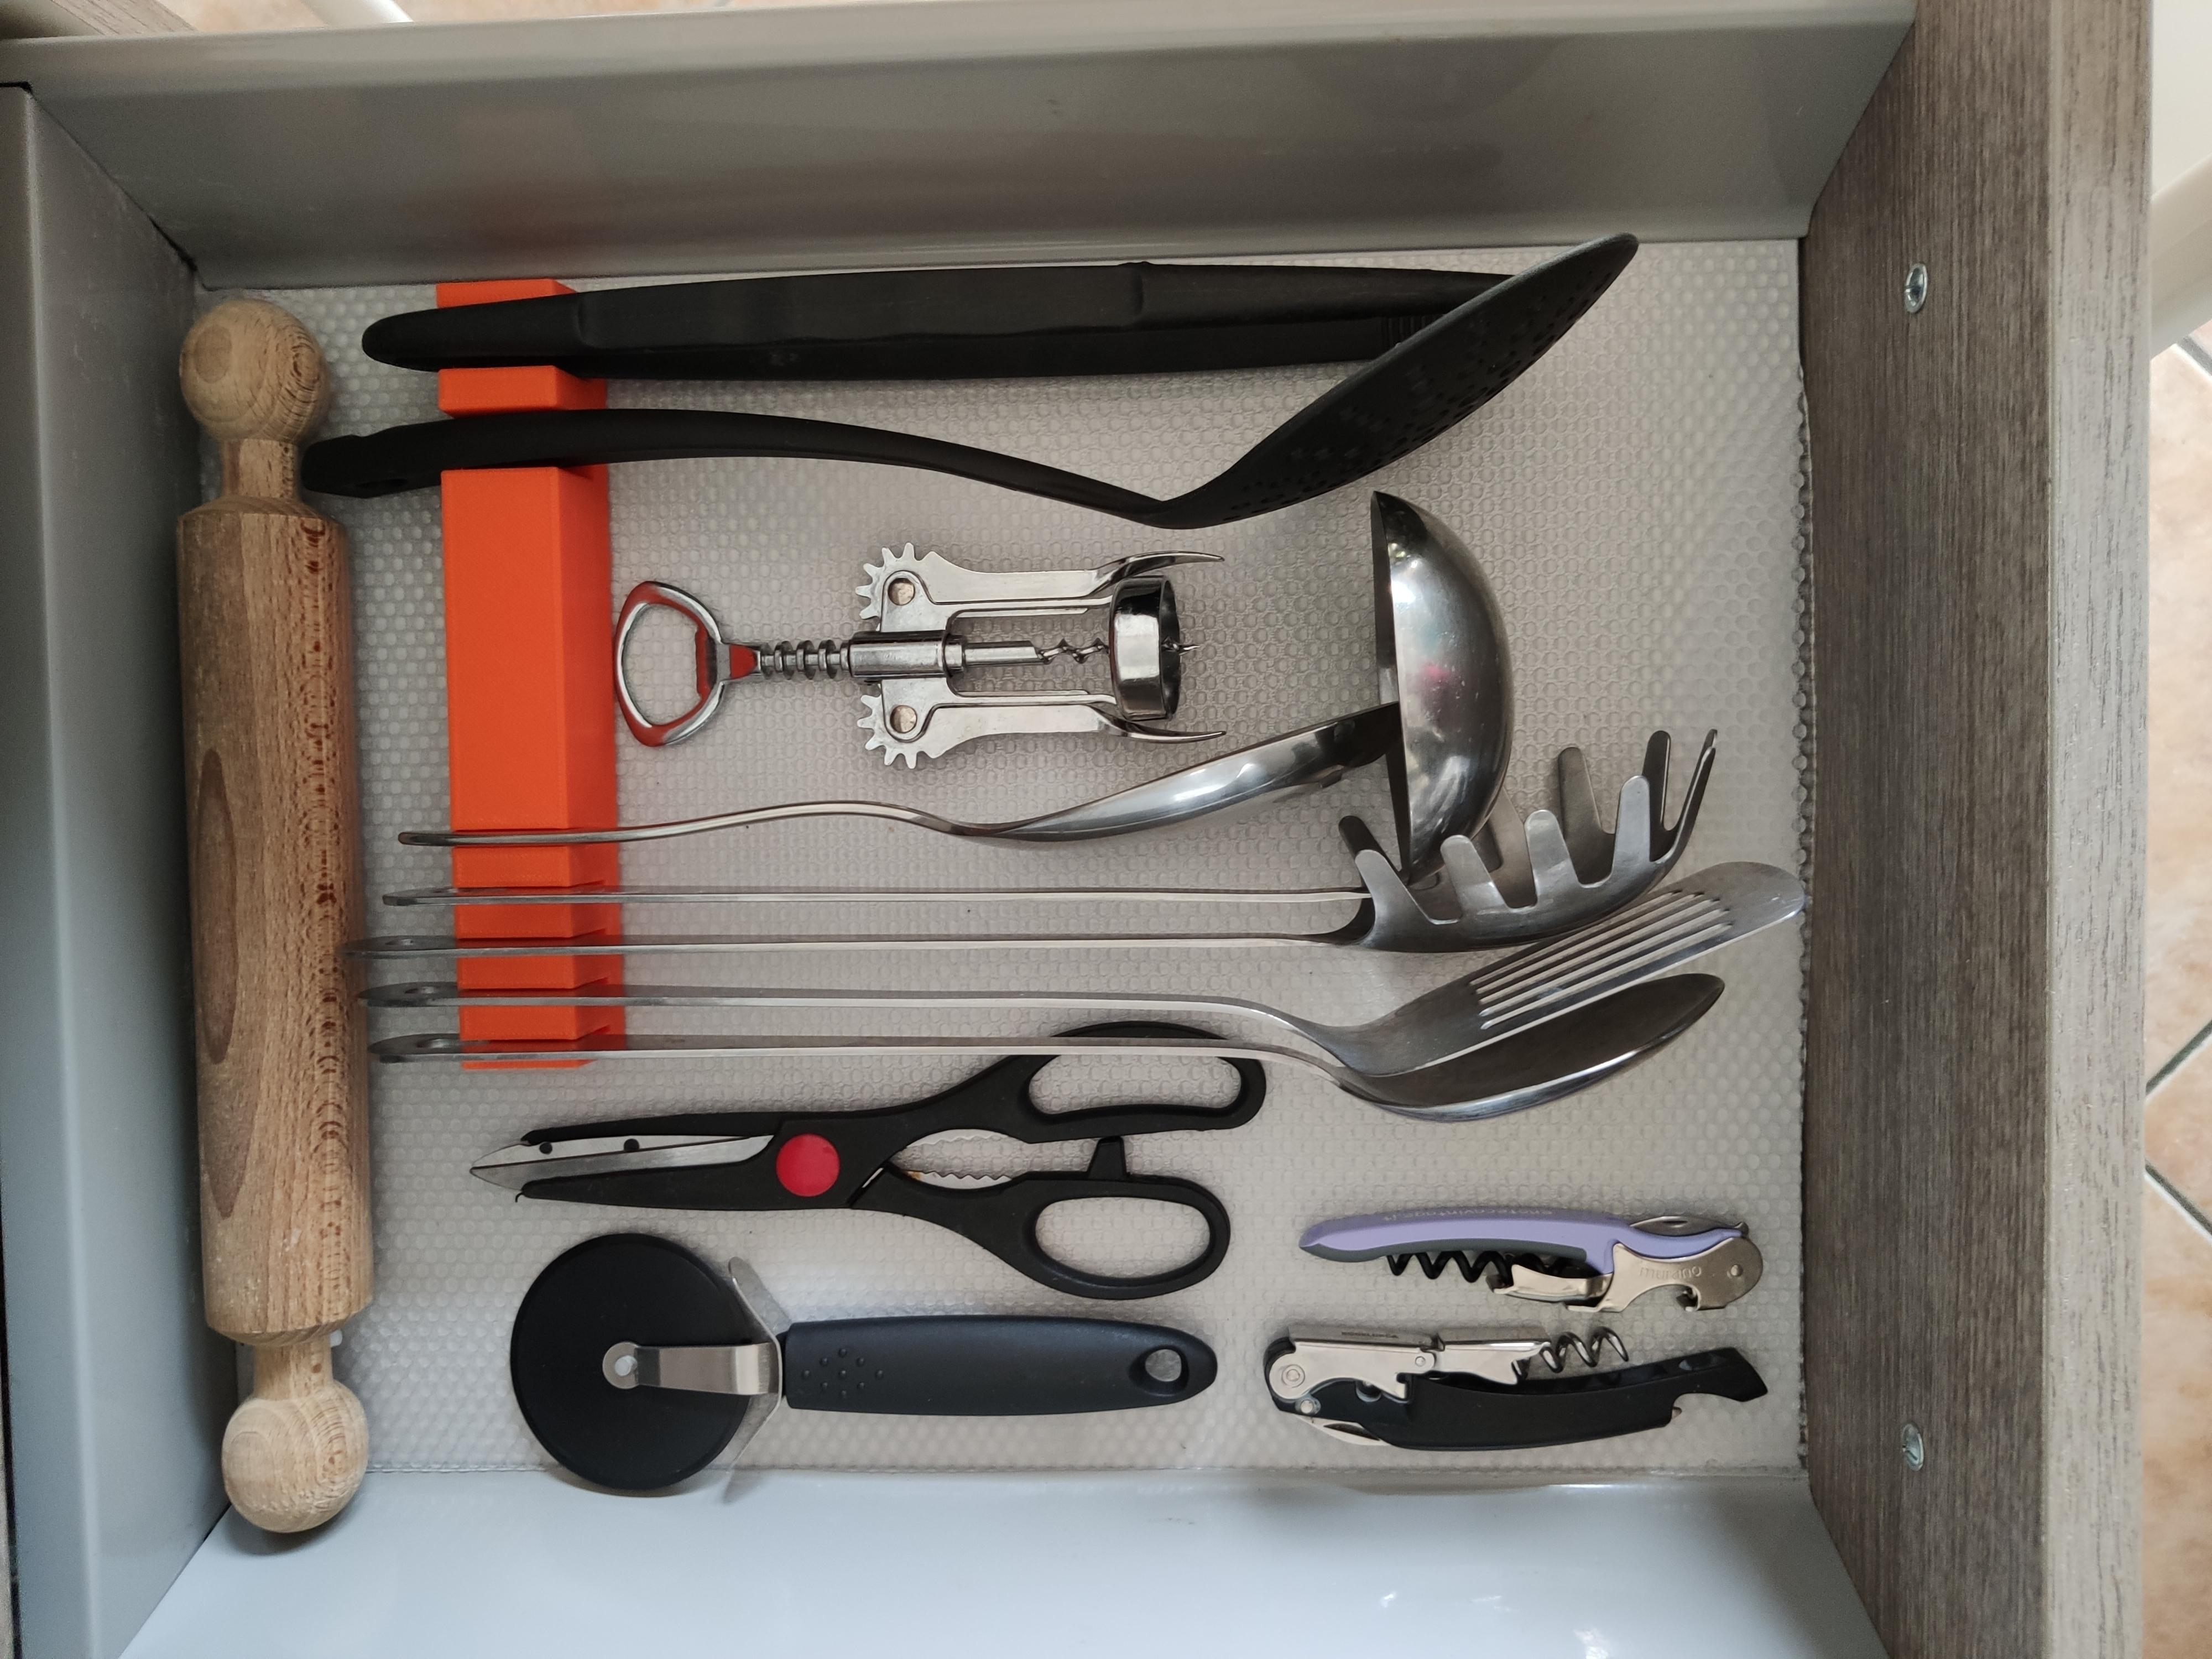 IMG_20190906_143527.jpg Download free STL file Kitchen Drawer Organizer • 3D printing template, Brignetti_Longoni